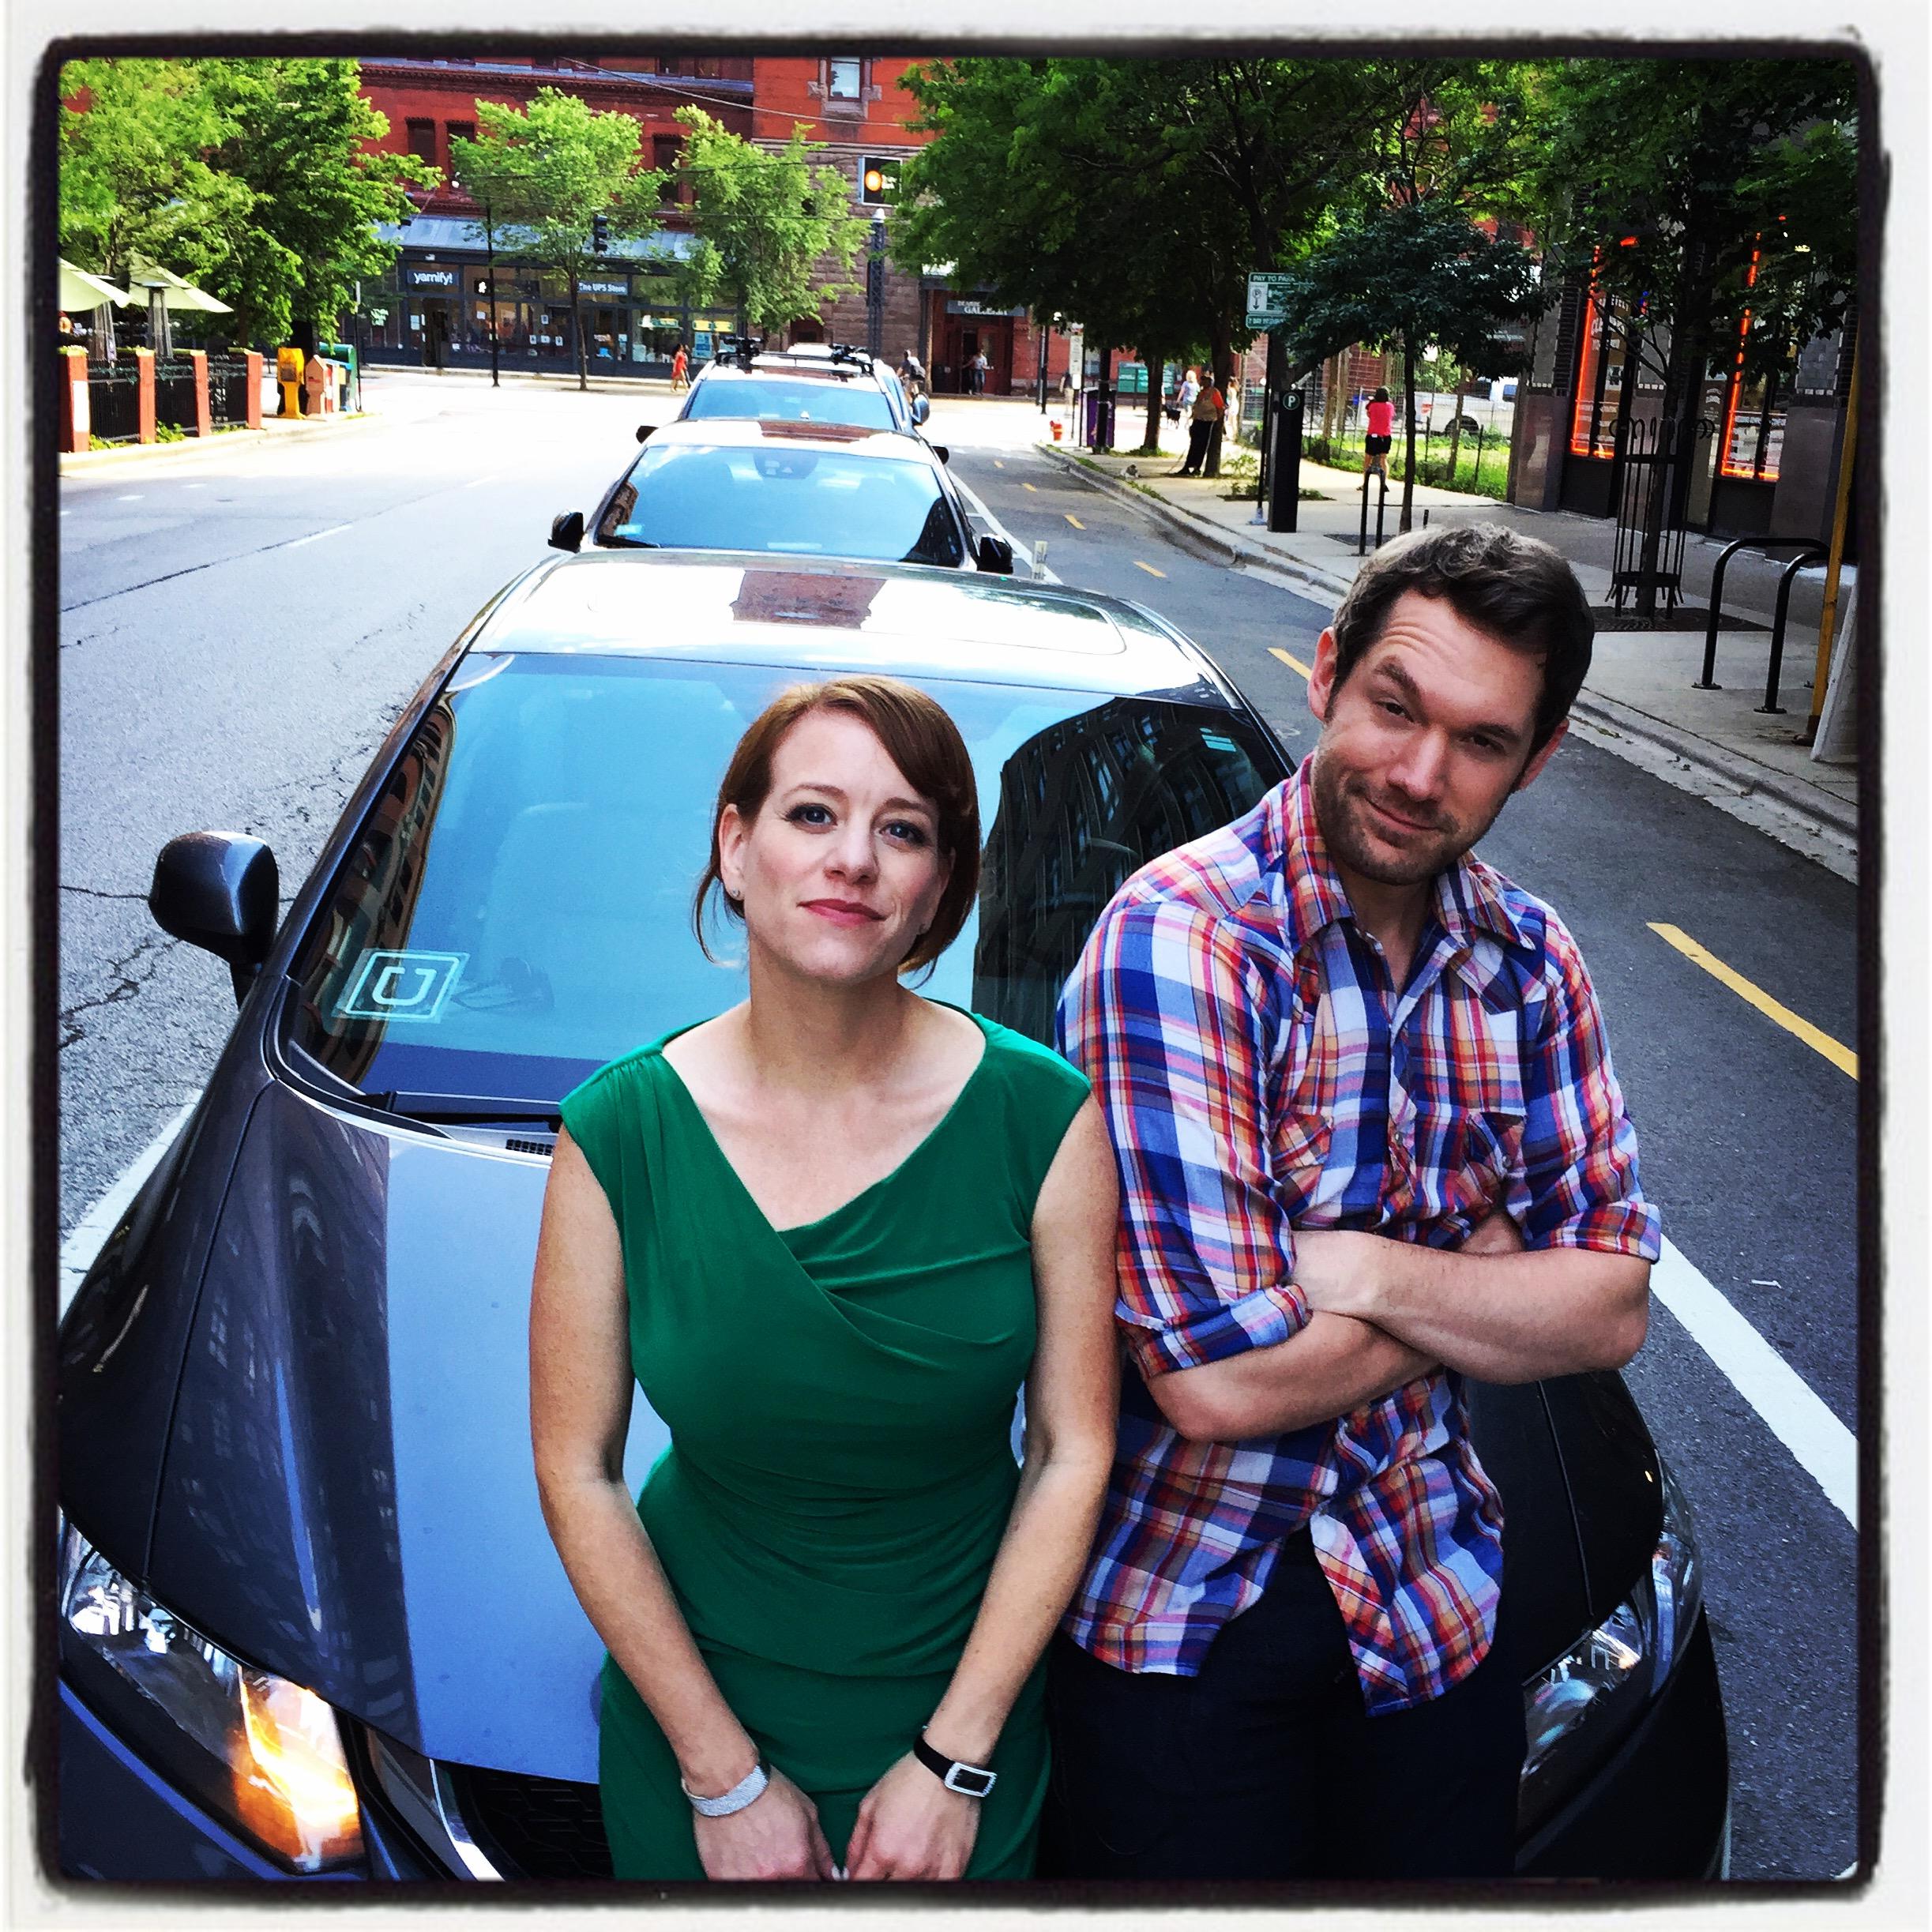 UberEx Promo Photo